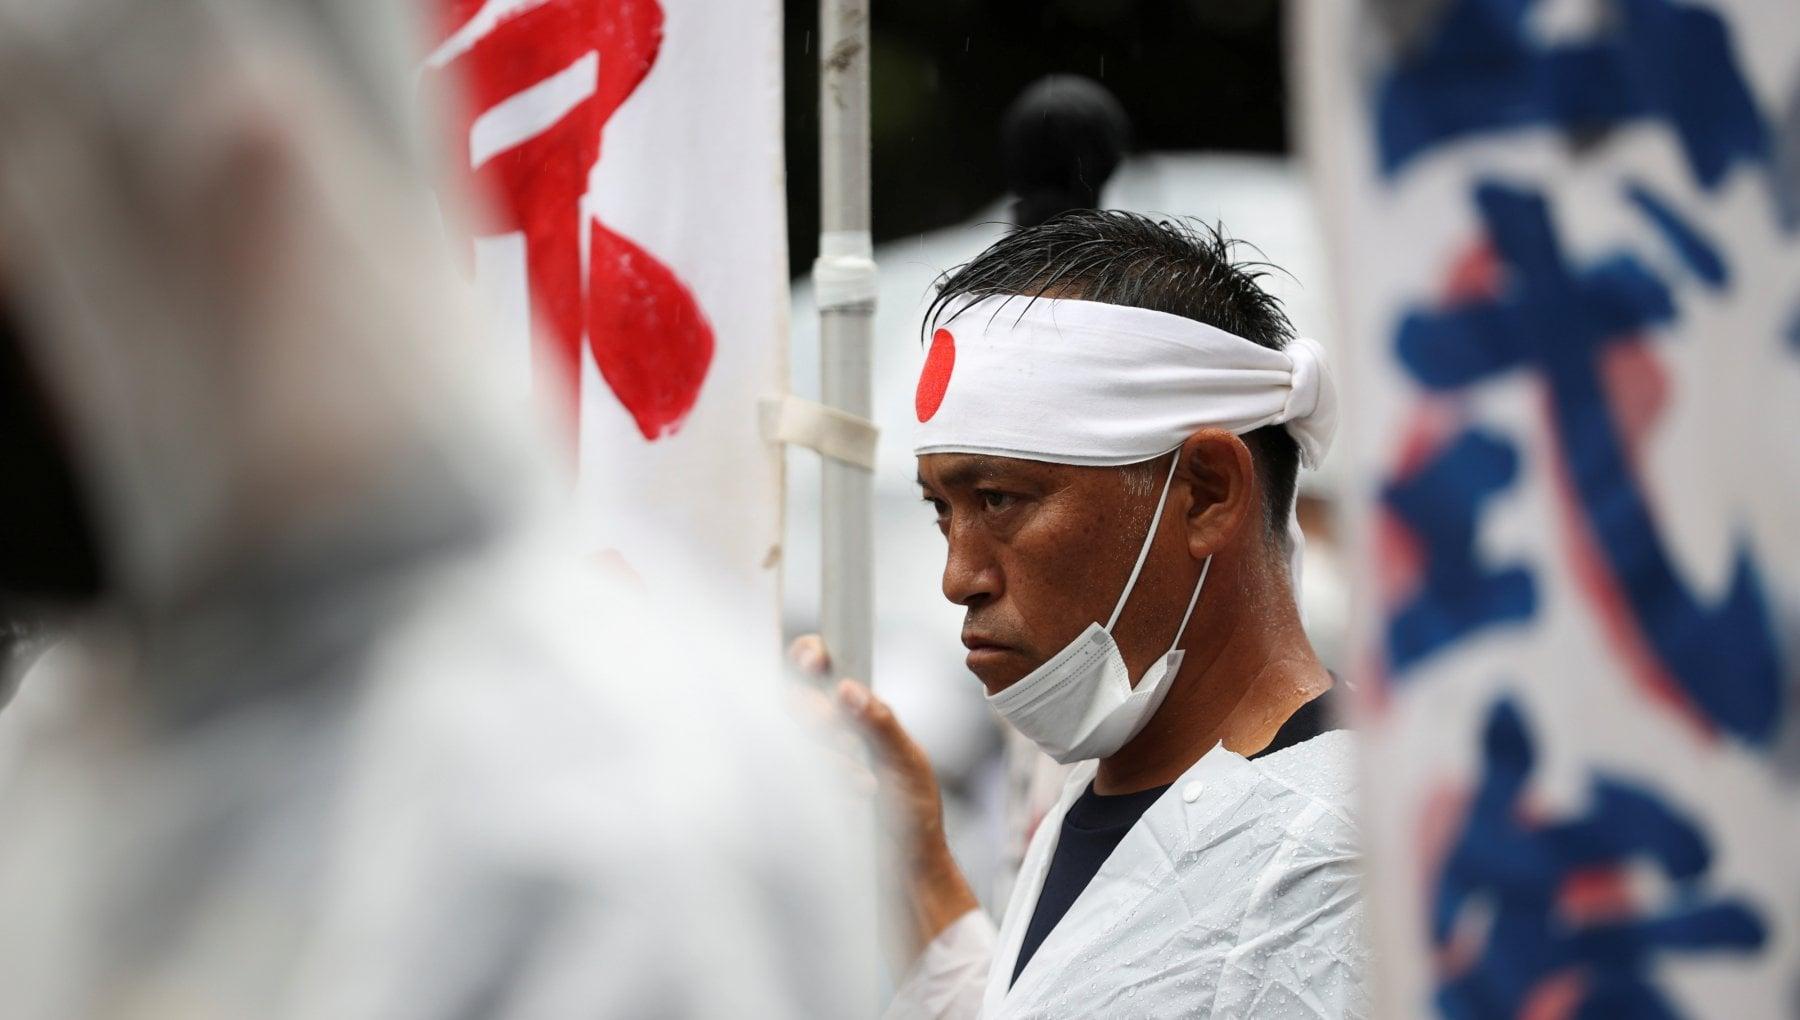 065557376 26e347ac bdb3 4db2 aed8 a4a340e45bff - Coronavirus nel mondo, in Giappone record di pazienti in terapia intensiva